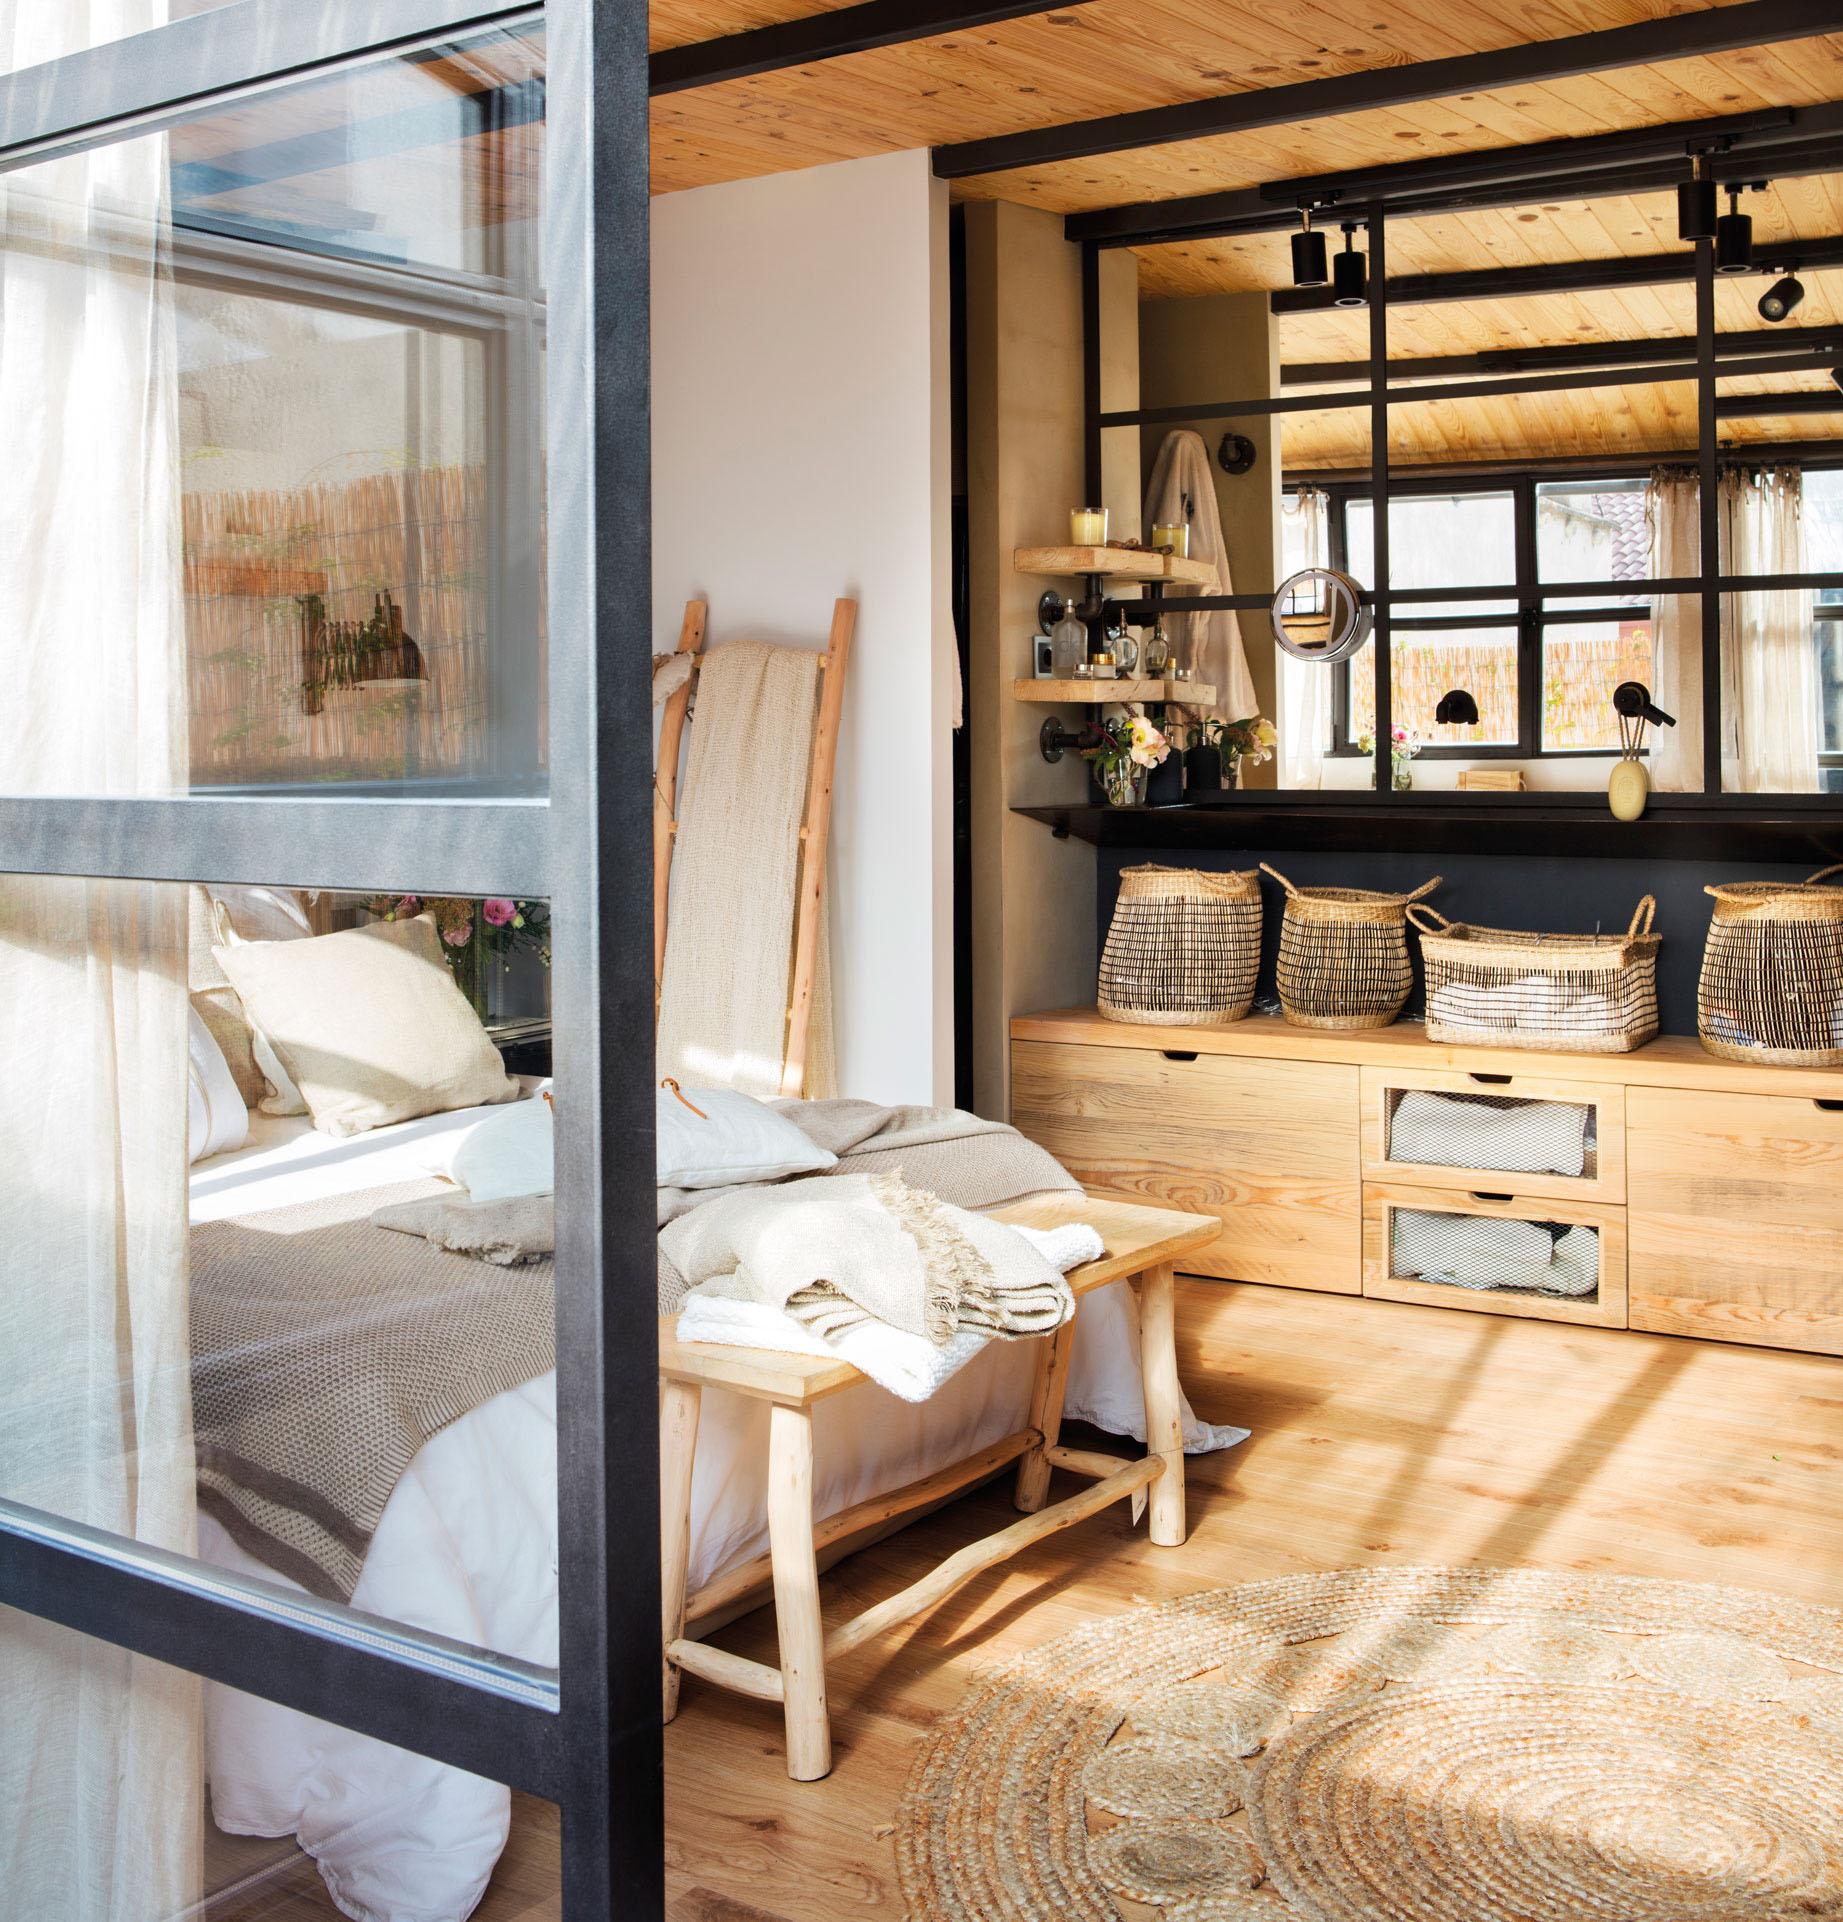 Dormitorios etnicos trendy dormitorio de estilo tnico y for Muebles estilo etnico